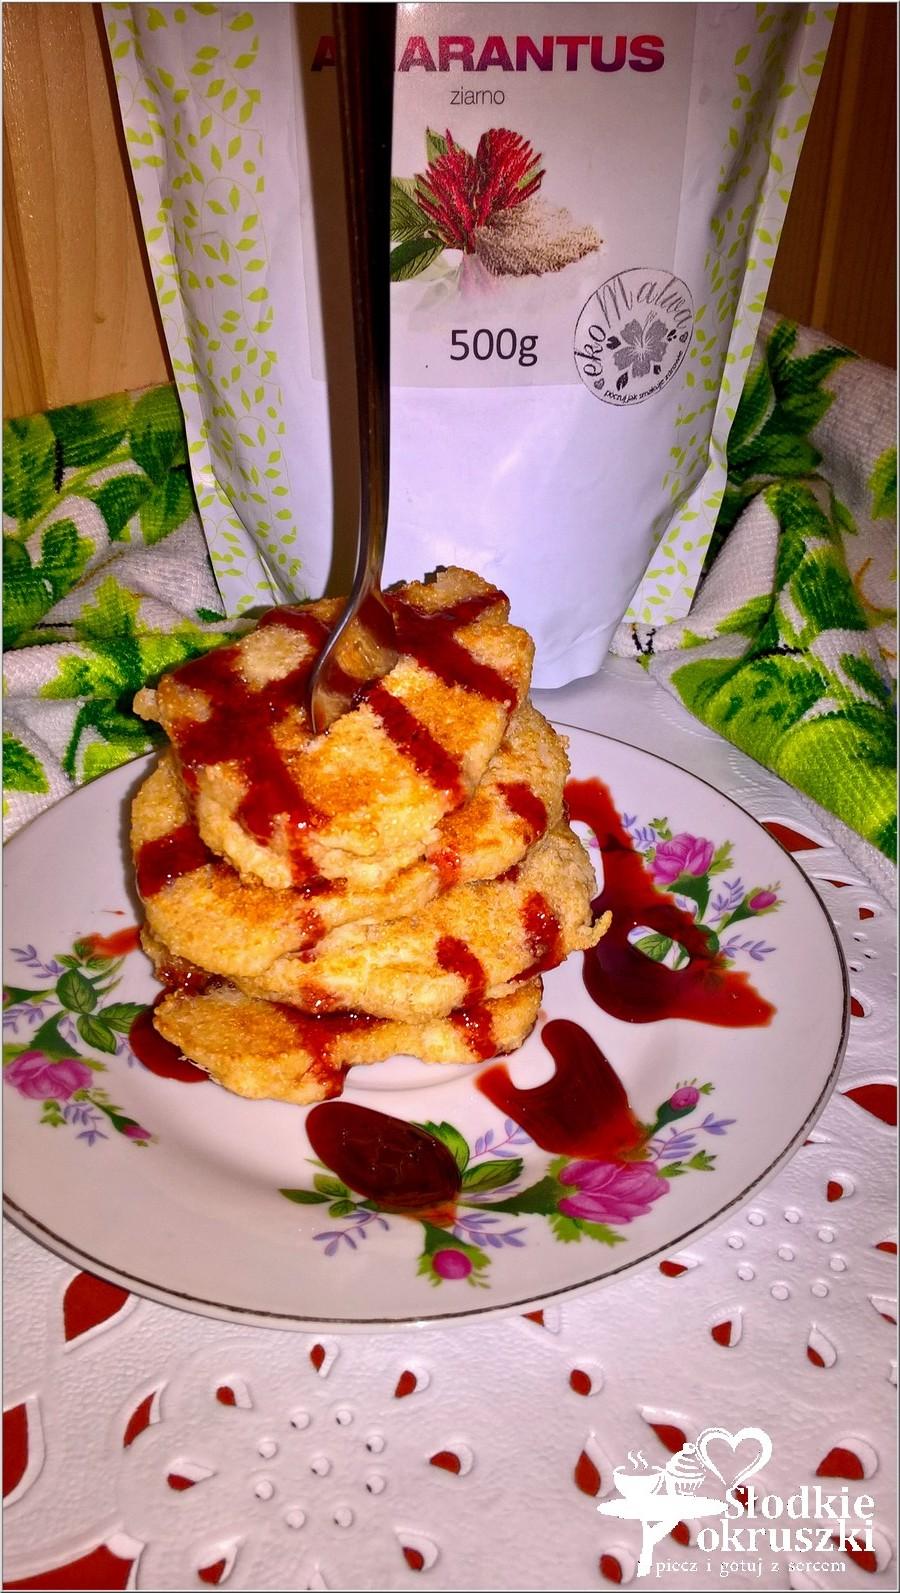 Amarantusowe placuszki z mąką ryżową i jabłkiem. Bezglutenowe śniadanie pełne zdrowia. (2)